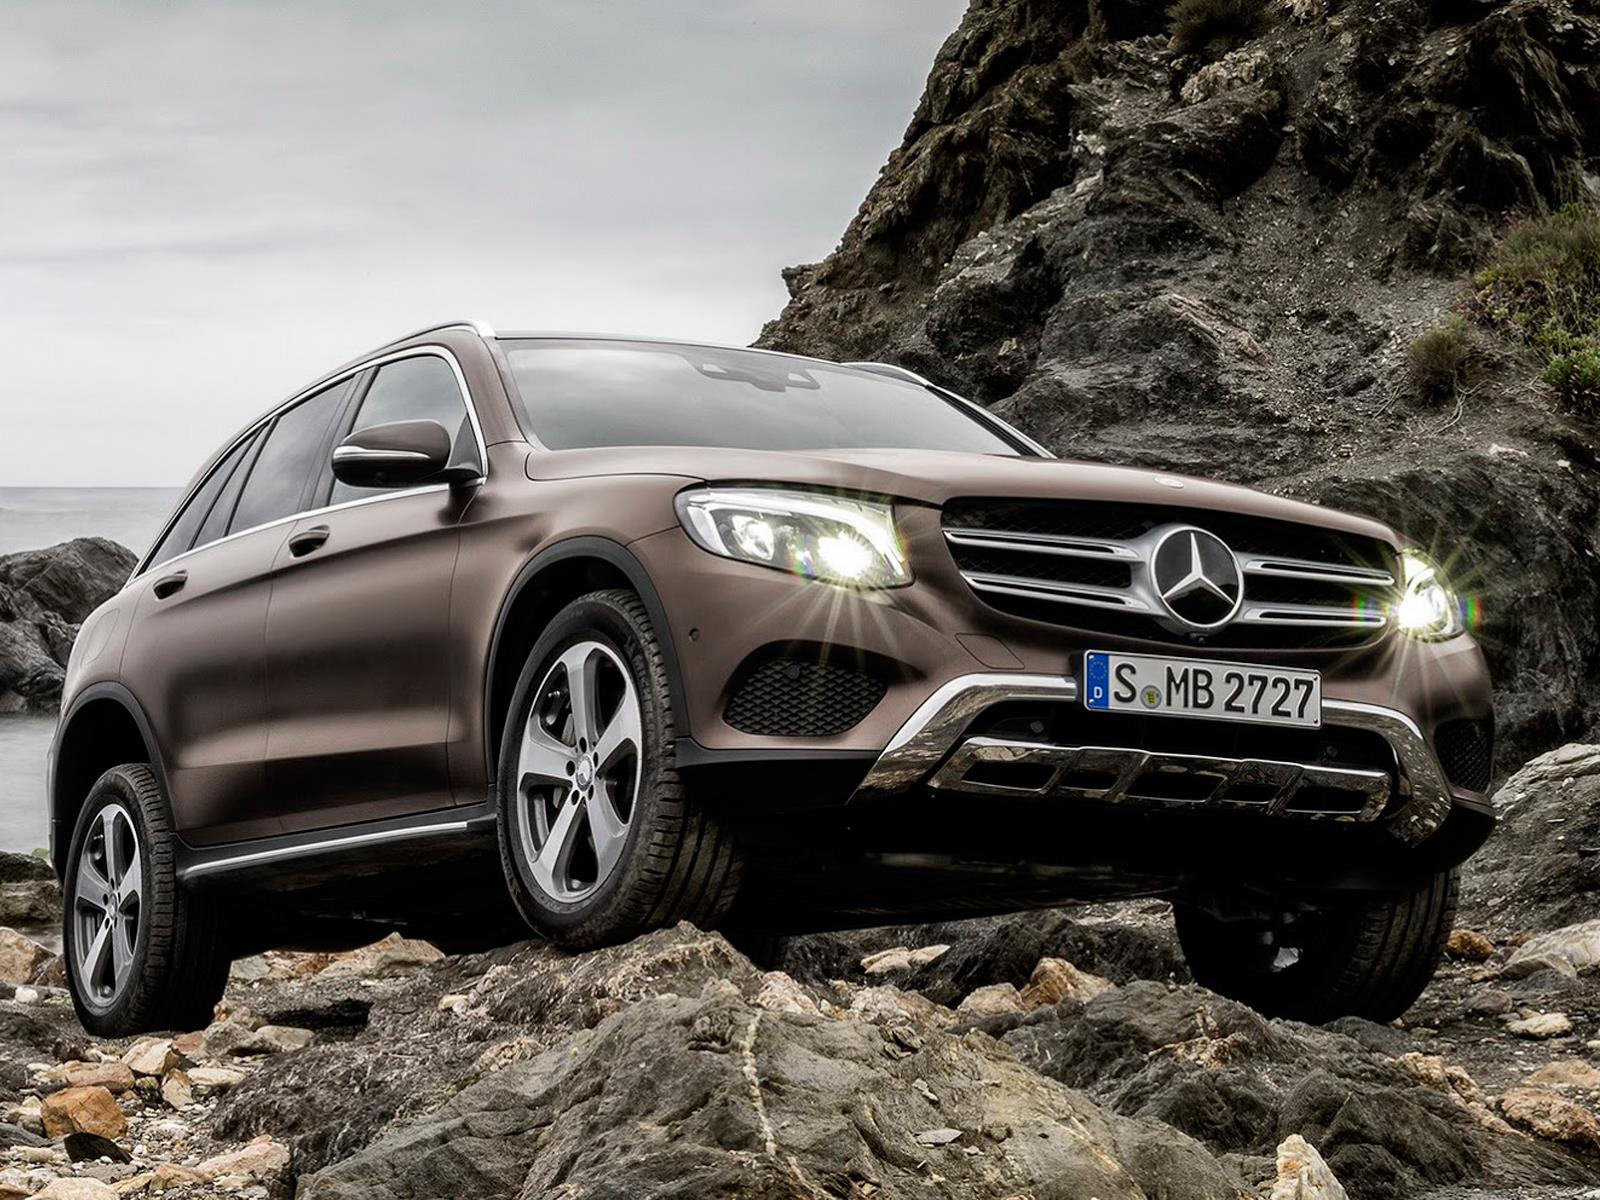 El nuevo mercedes benz glc se lanza en argentina for Mercedes benz glc precio